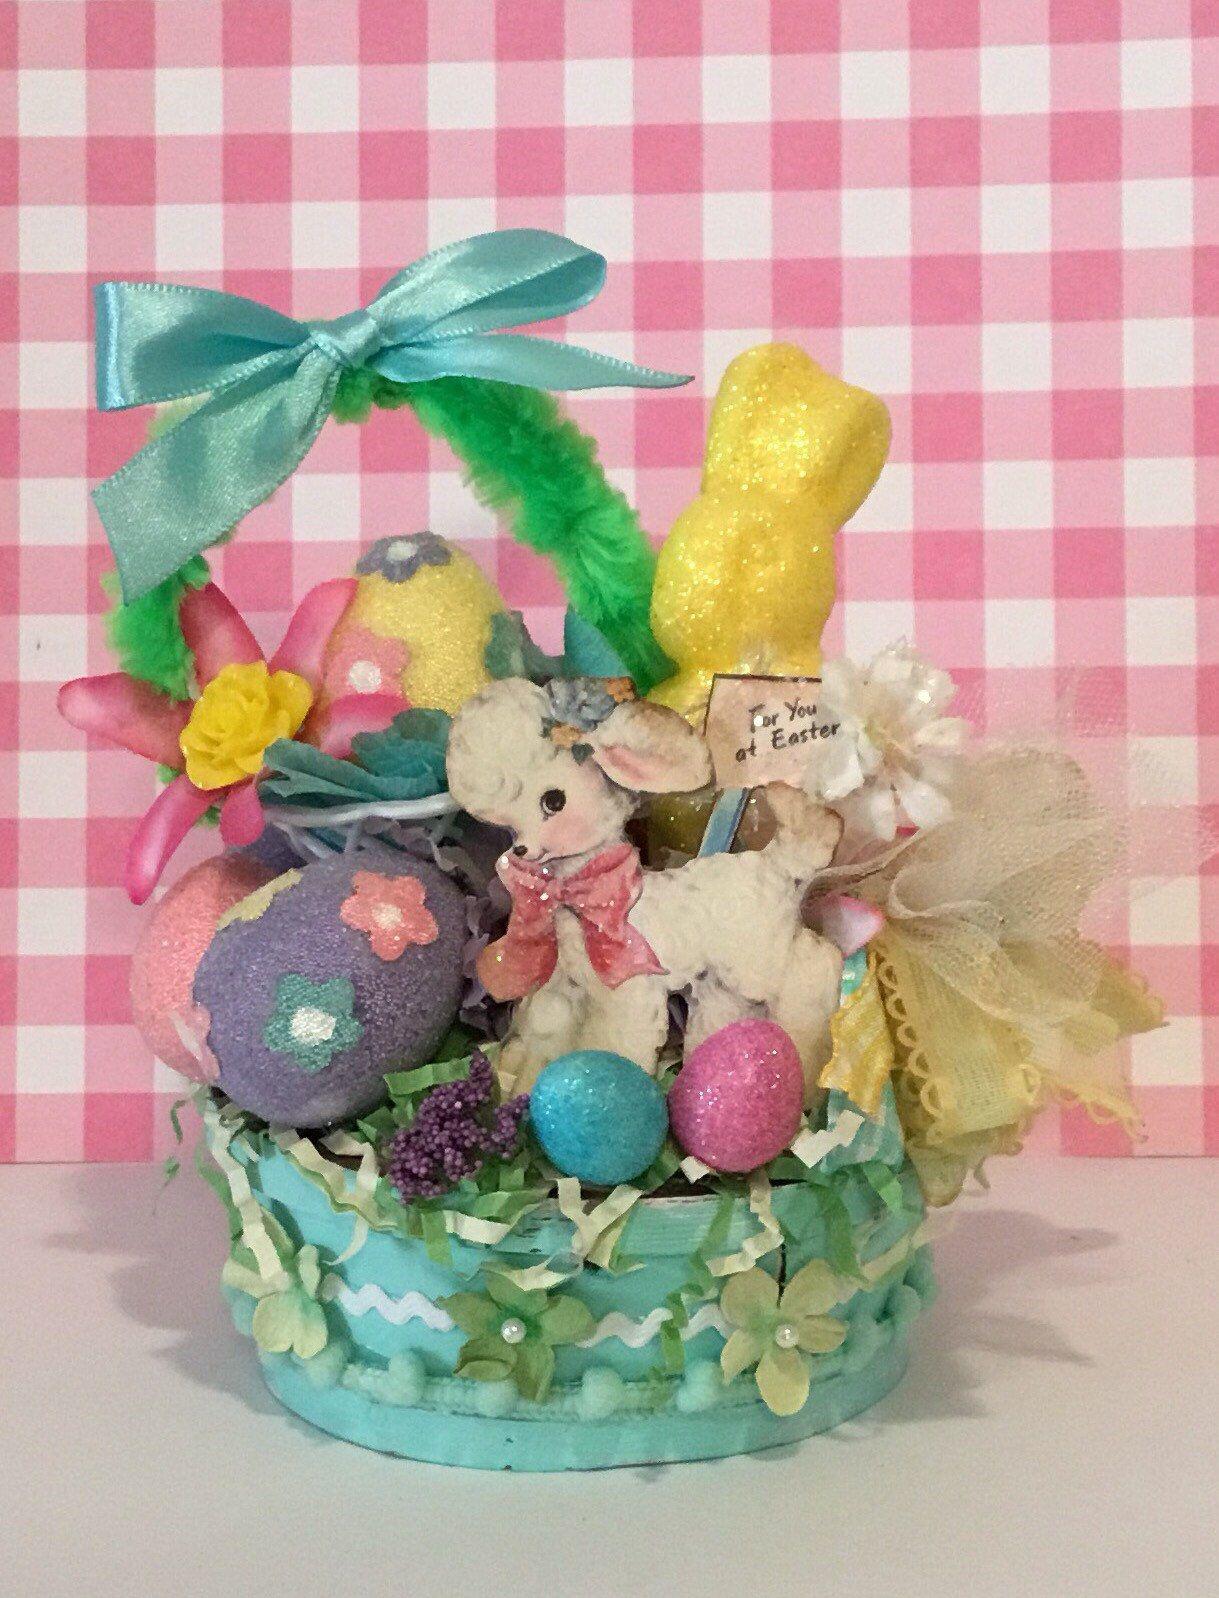 Vintage Easter Decoration Easter Plastic Cross Stitch Egg Candy Easter Egg Hunt Easter Basket Party Decoration Retro Decor Magnets